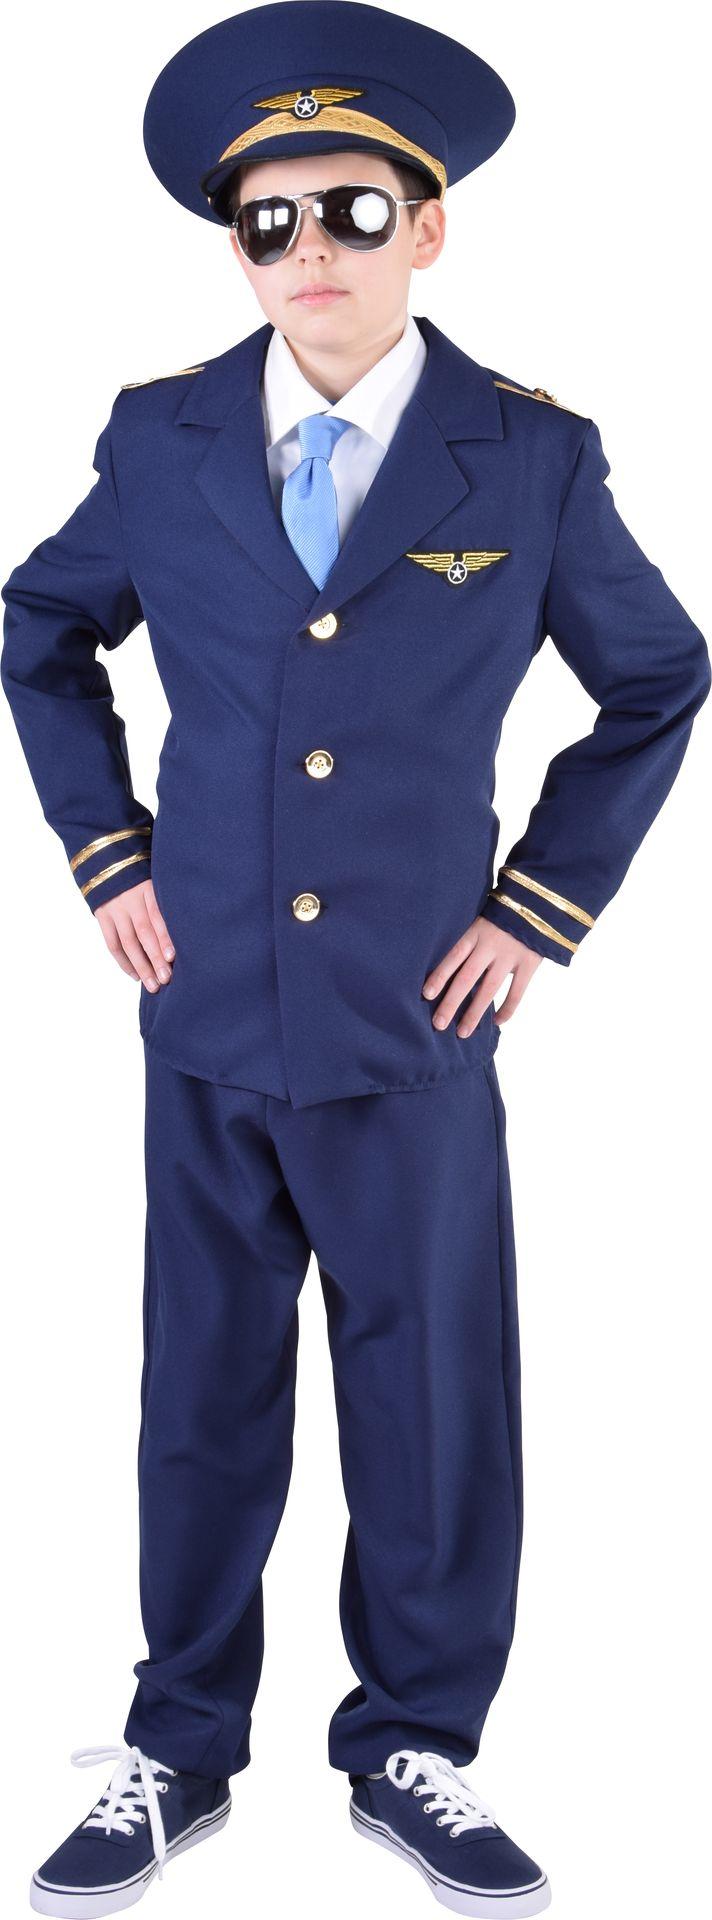 Piloot kostuum jongens blauw